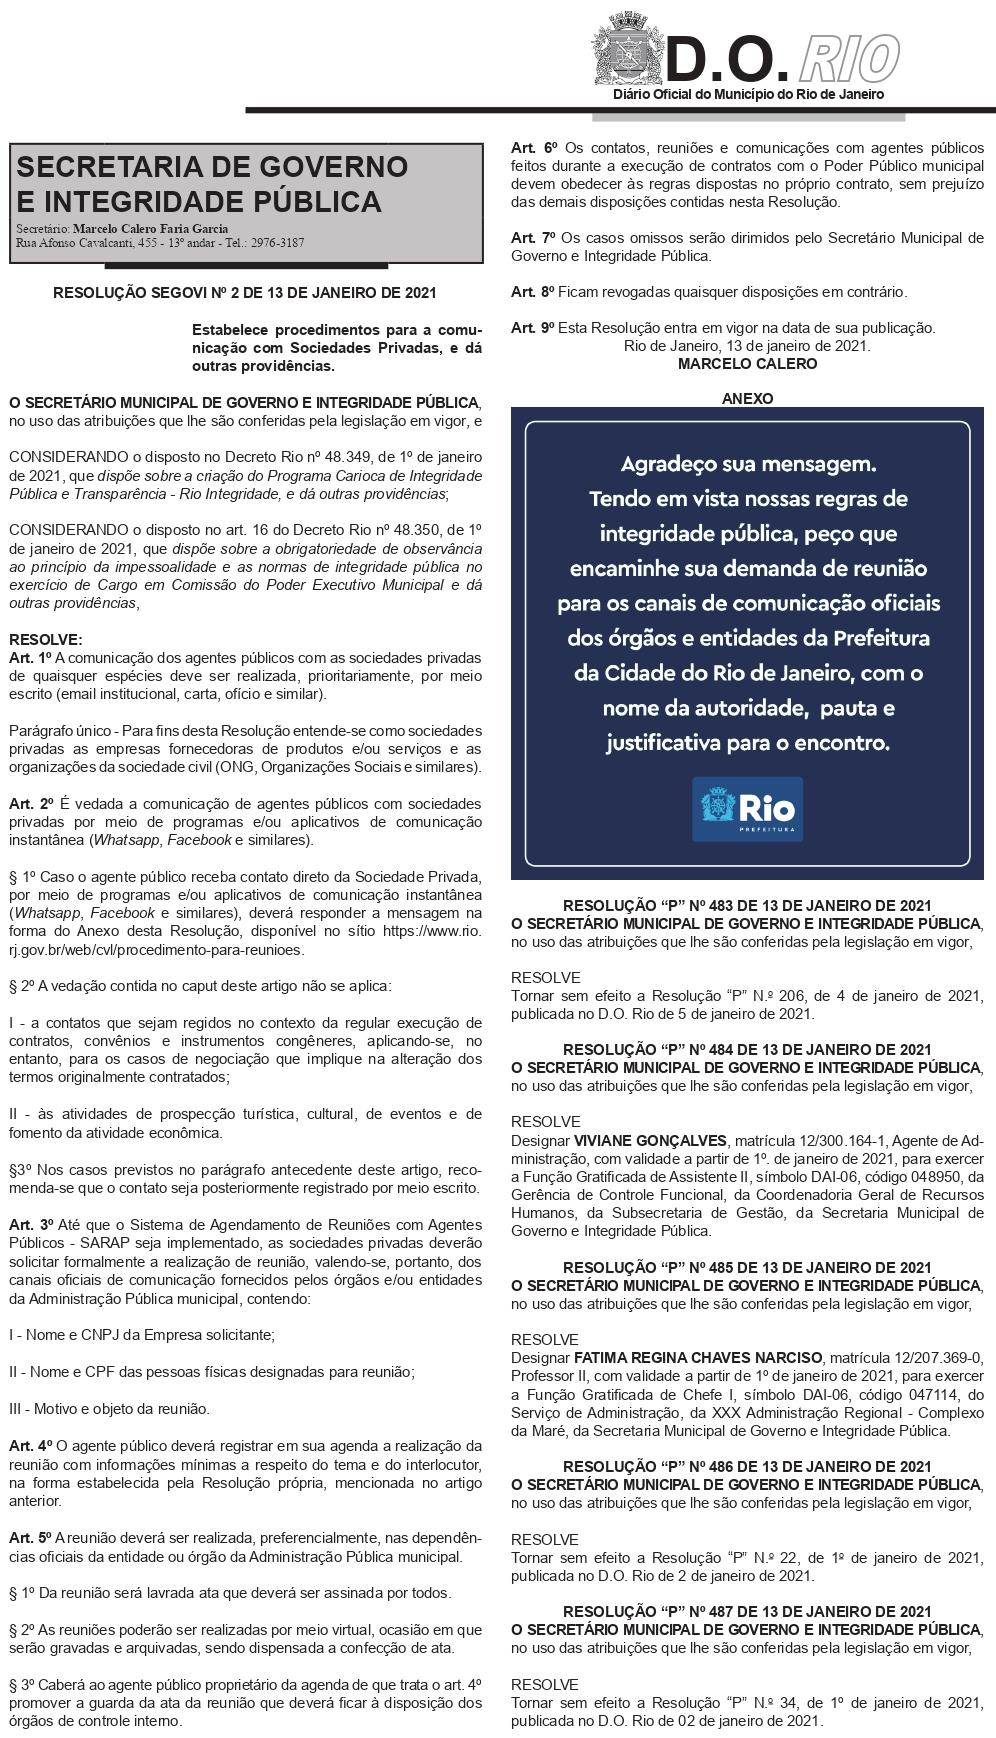 Resolução na íntegra, extrida do Diário Oficial do Rio de Janeiro.